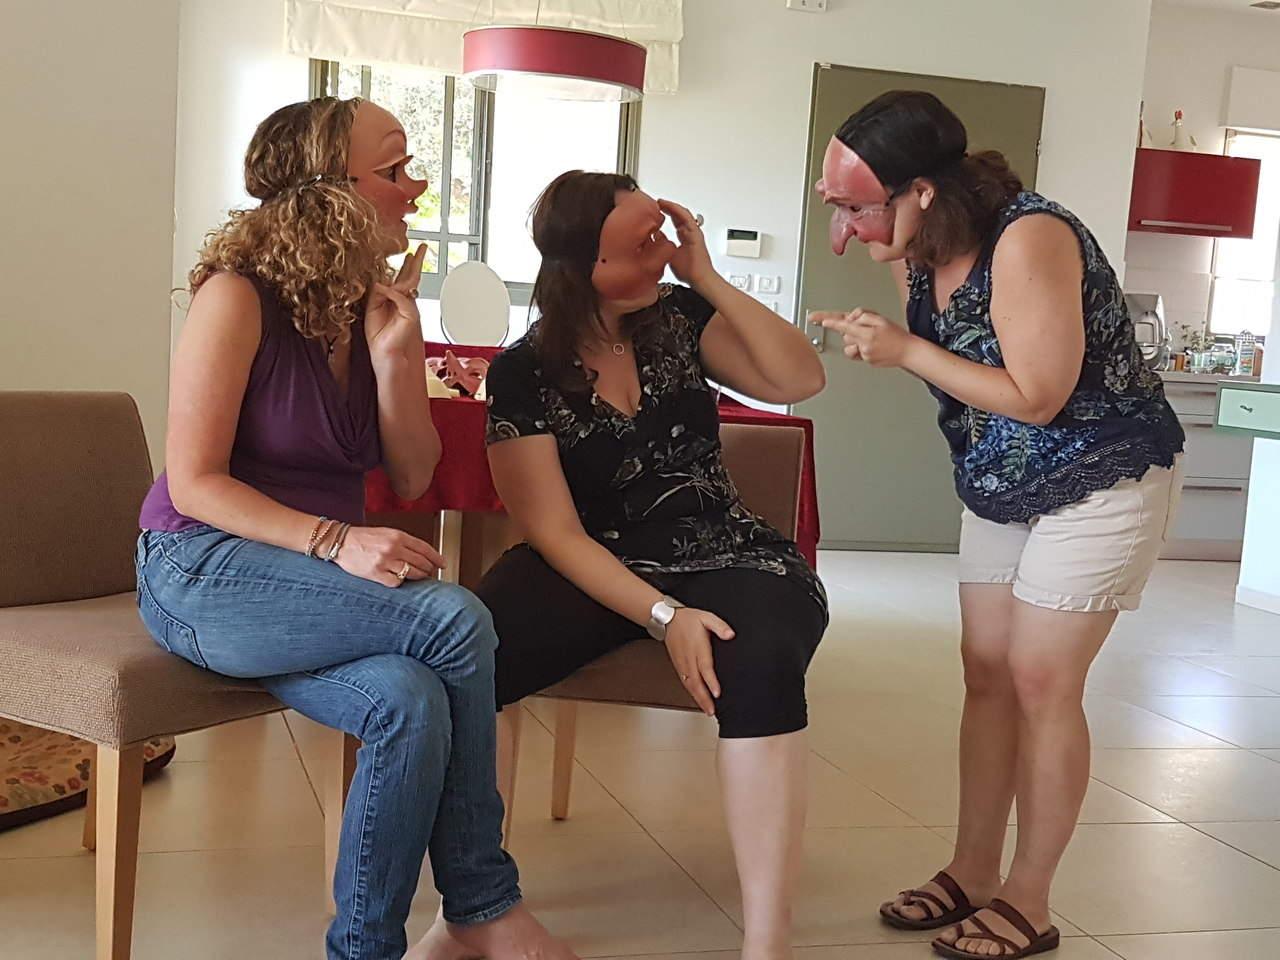 שלוש נשים חובשות מסכות שונות, באמצע סימולציה מעולם השירות והמכירות, מתוך האתר של דליה סגל, מנחת קבוצות